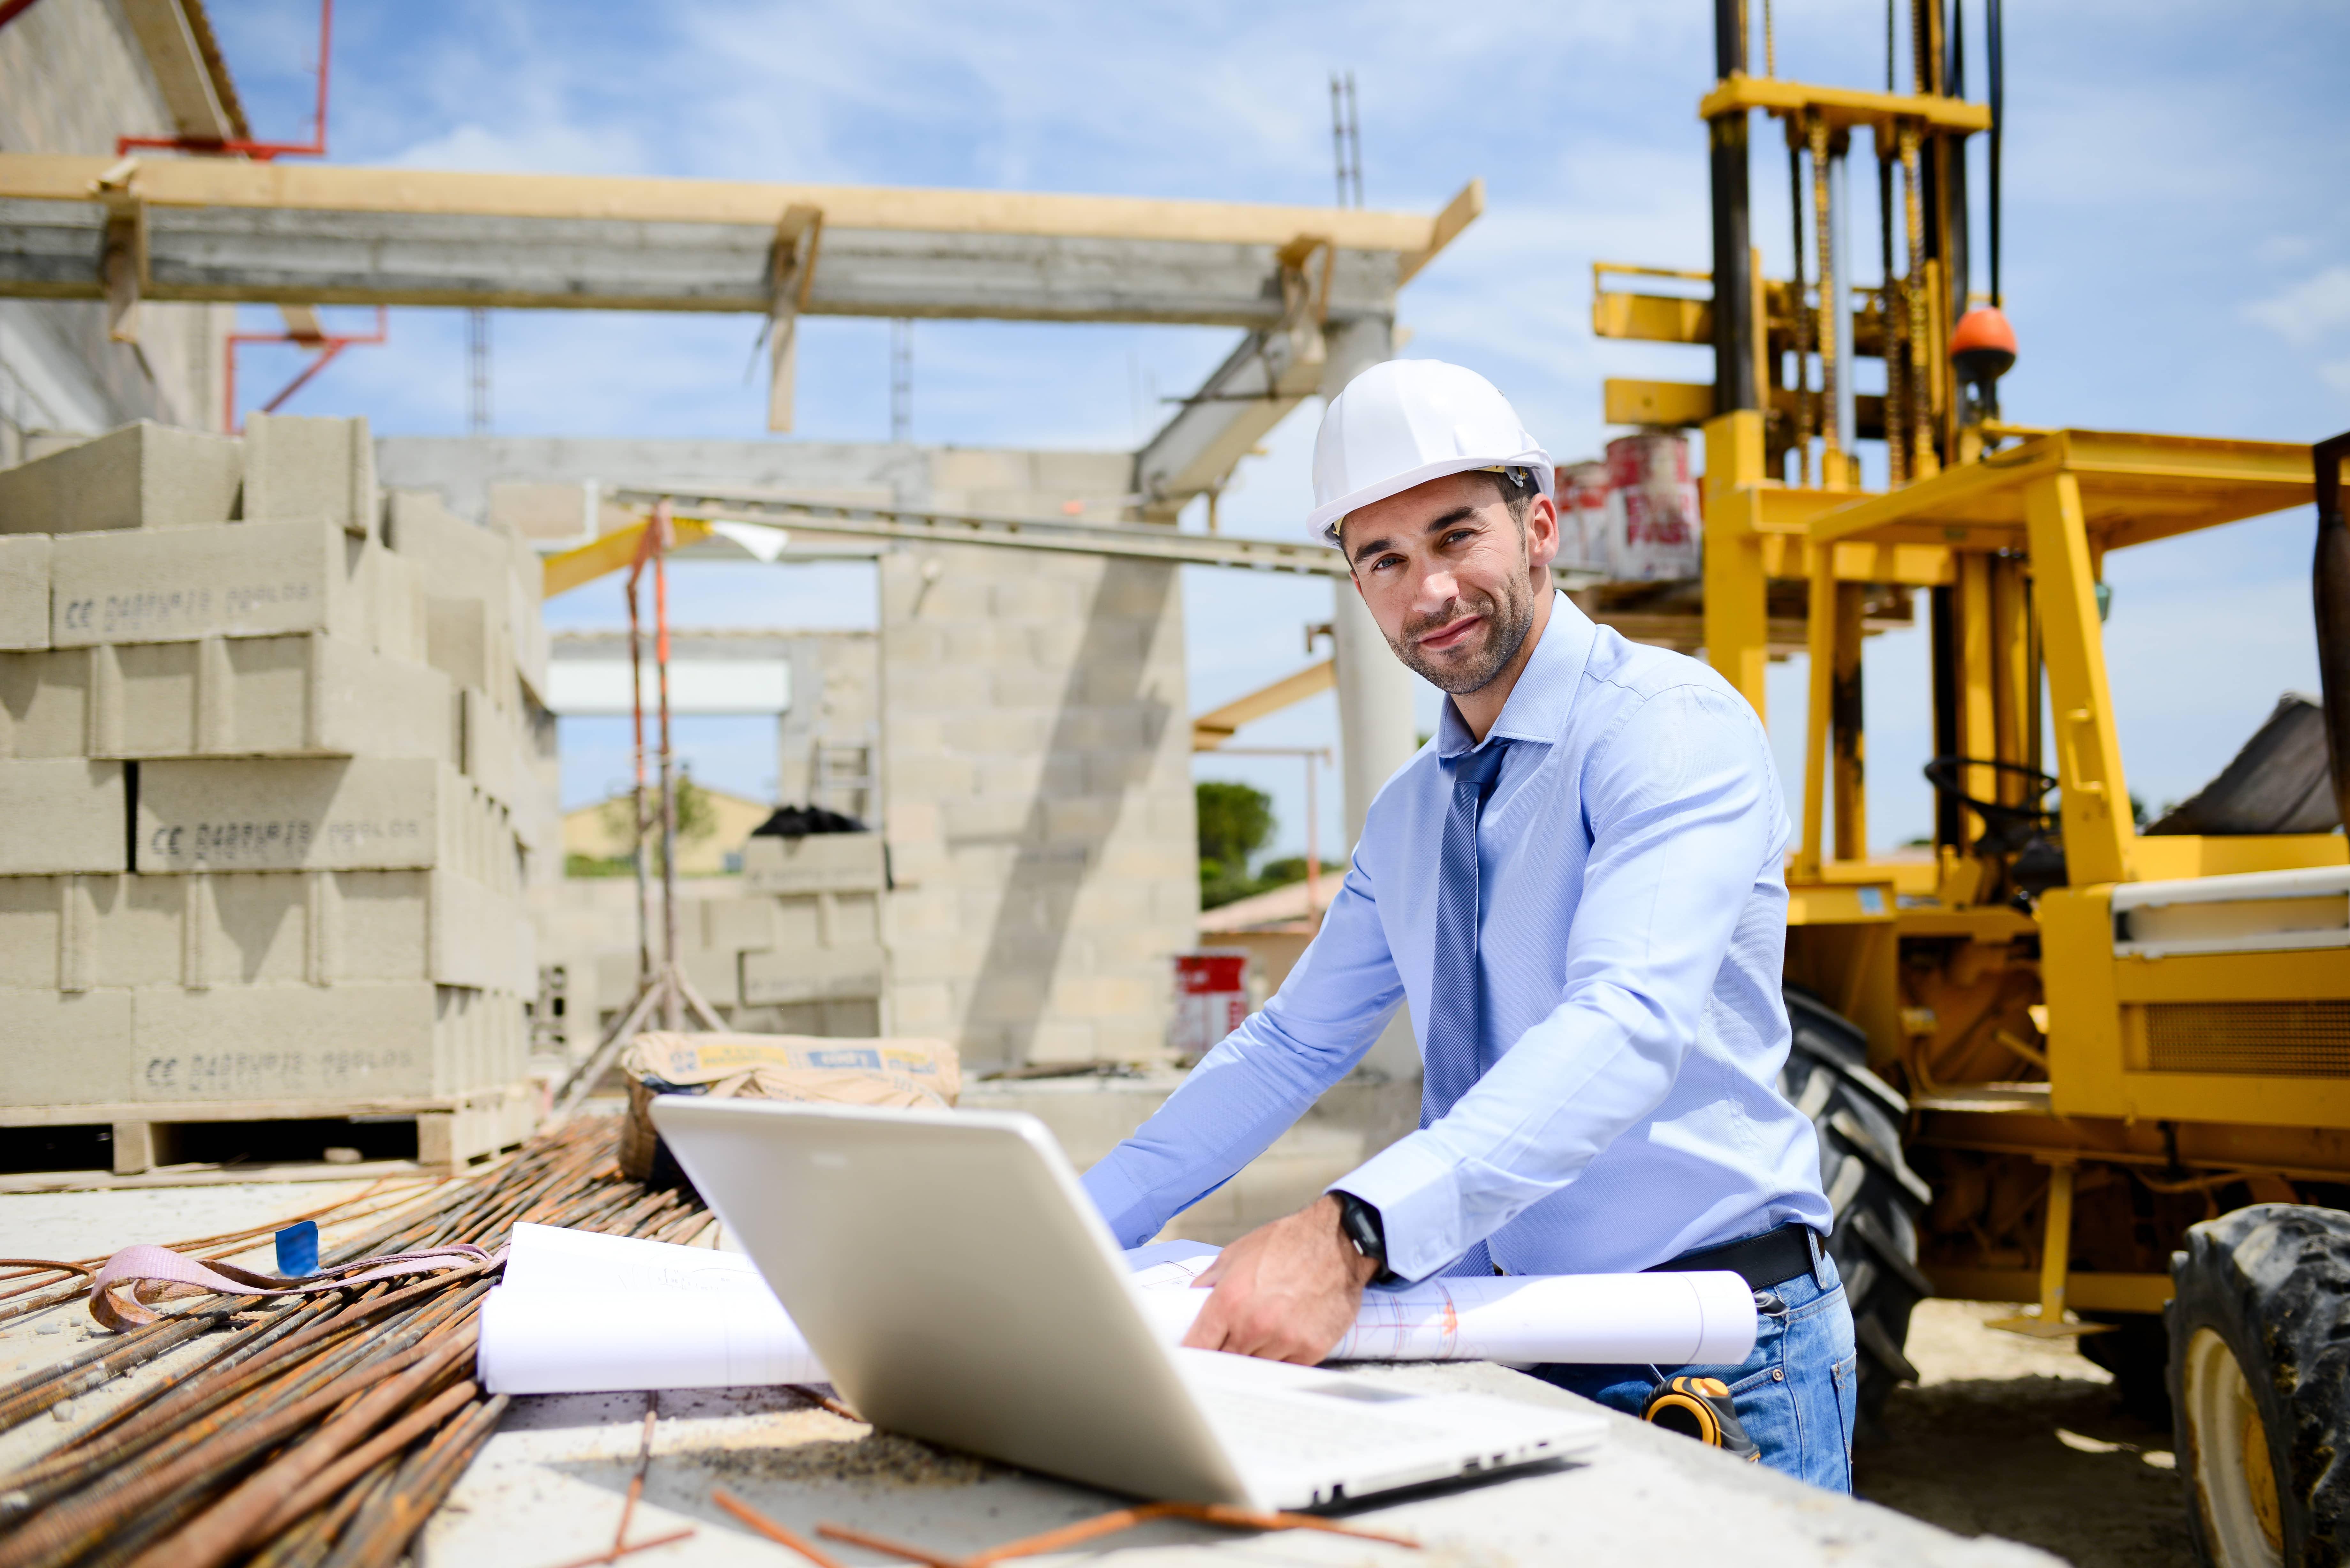 Digital transformation in delivering capital works